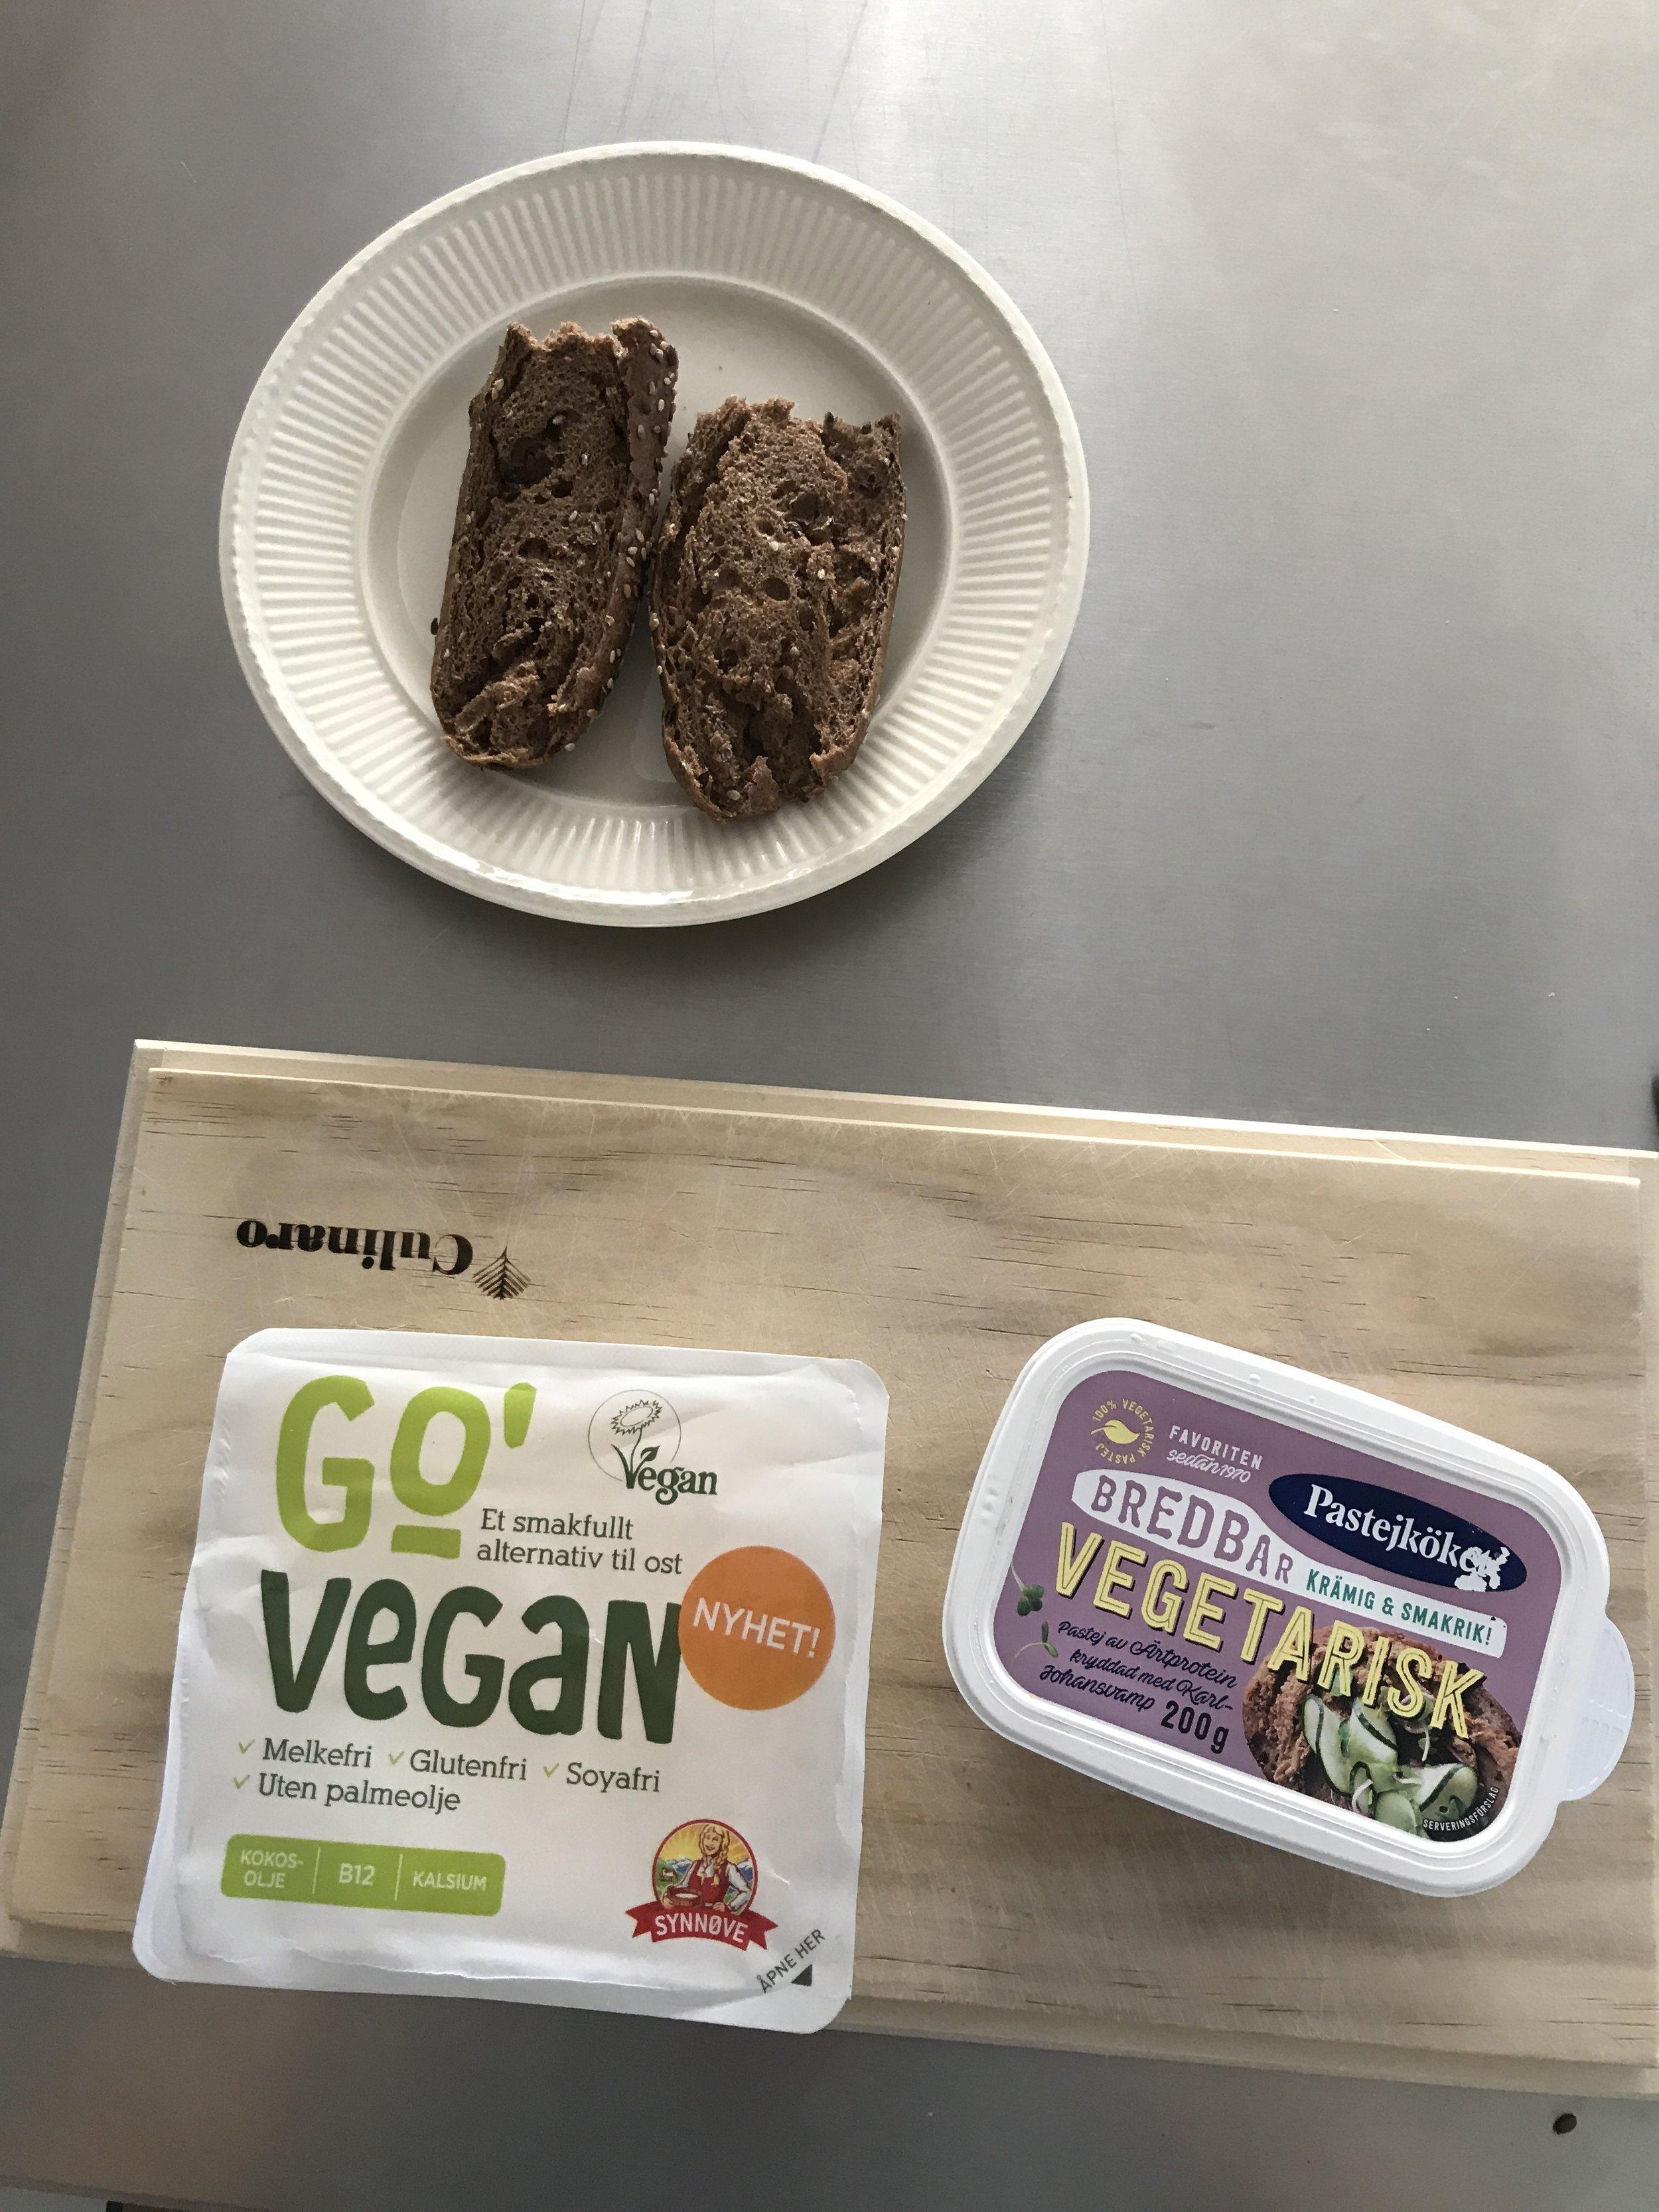 Go vegan by synnøve & breddbar vegetarisk